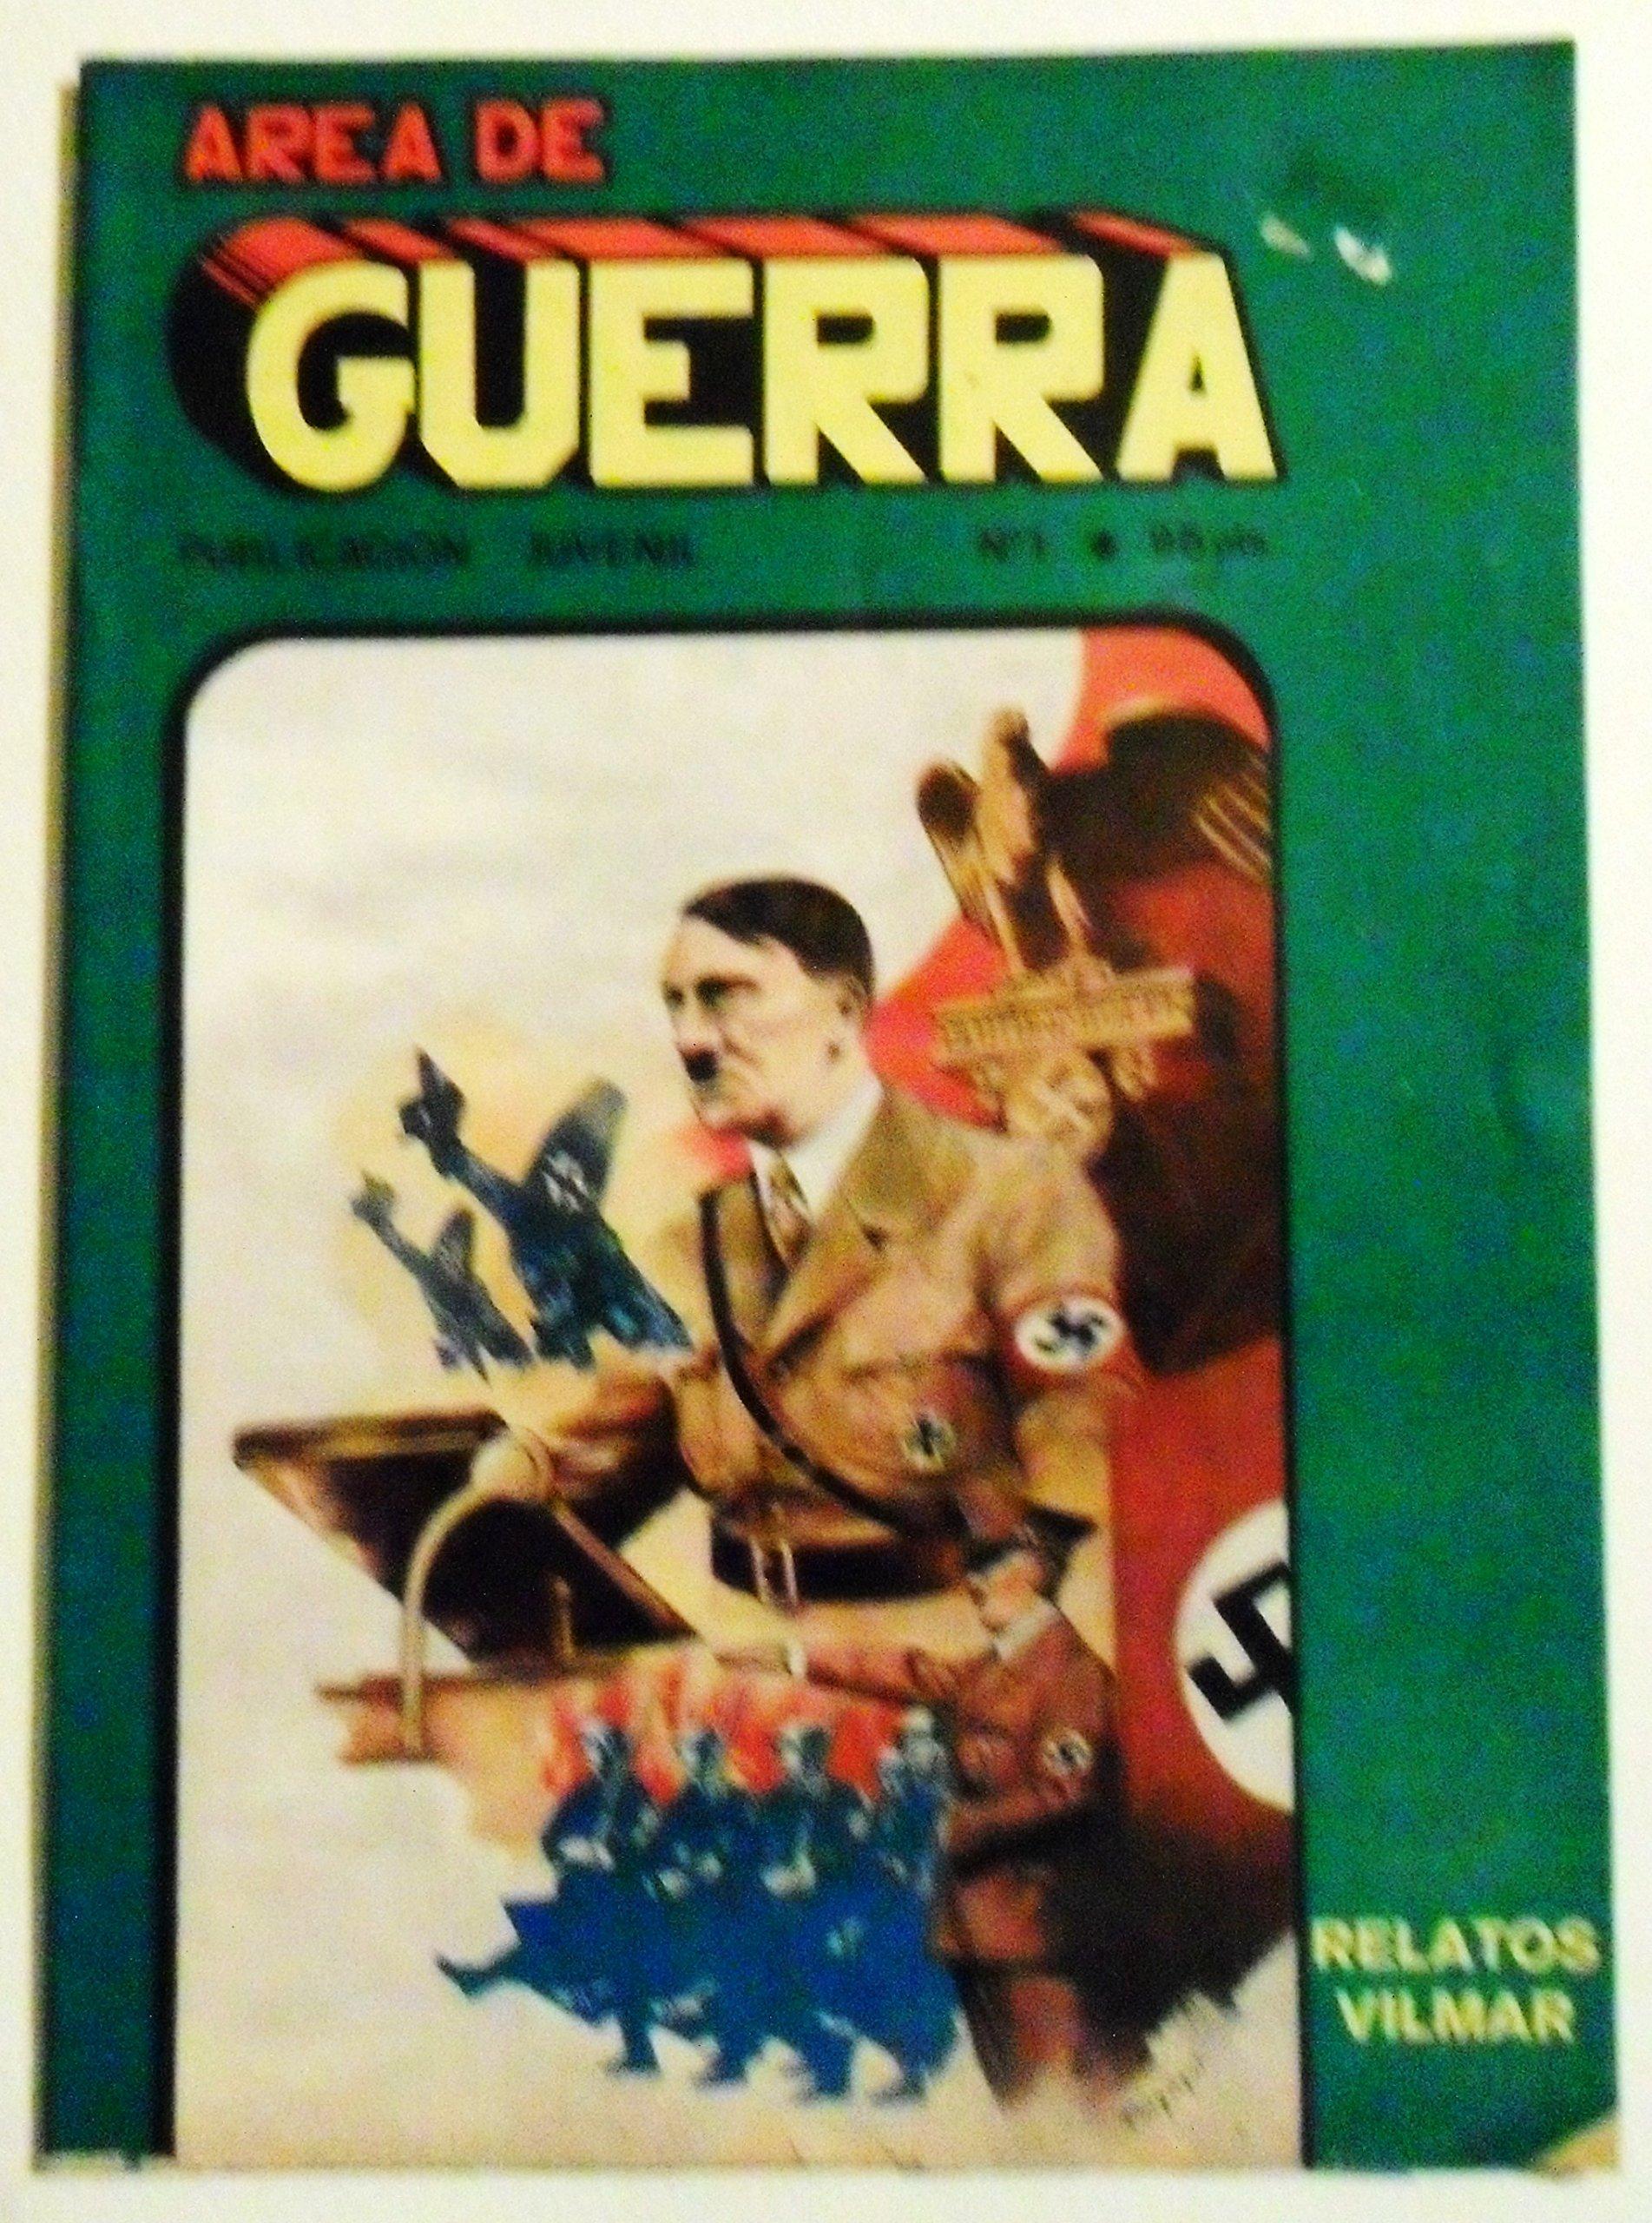 COMIC / AREA DE GUERRA, HOMBRE DE ACCION, PUBLICACION JUVENIL / VILMAR EDICIONES, Nº1, 1985.: Amazon.es: ANTONIO BUENO TELLO, EDICIONES VILMAR: Libros